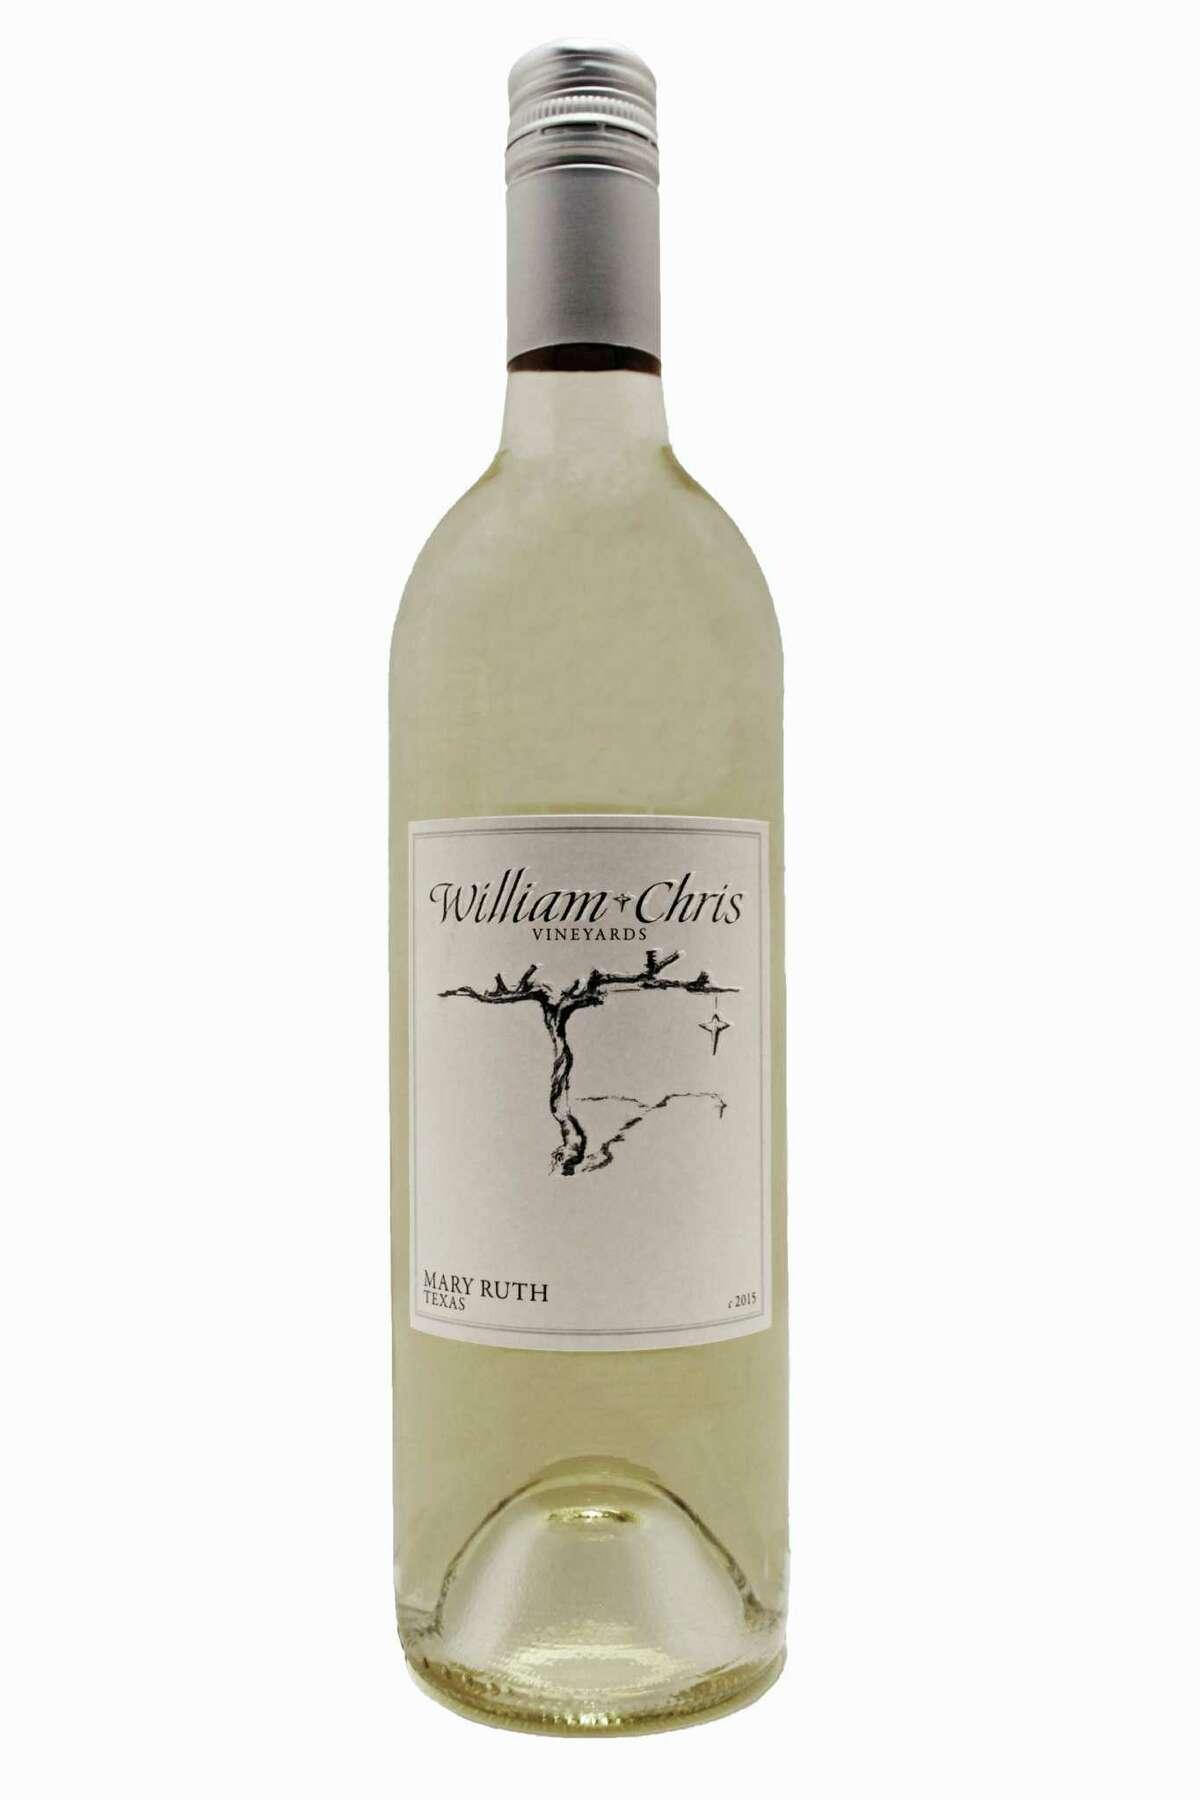 2015 William Chris Vineyards Mary Ruth